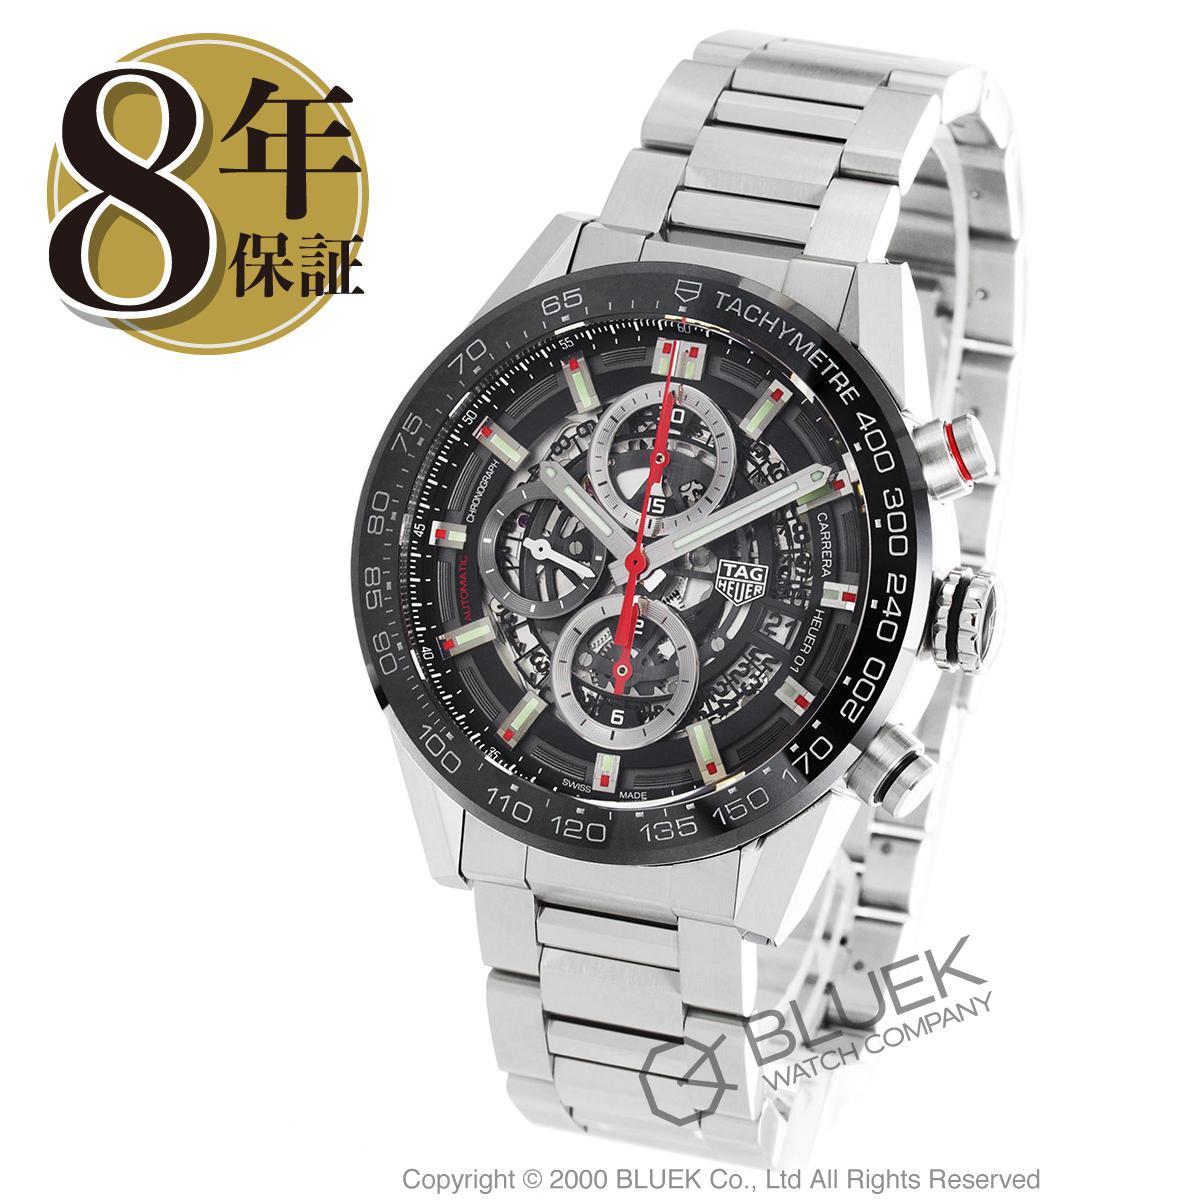 【6,000円OFFクーポン対象】タグホイヤー カレラ ホイヤー01 クロノグラフ 腕時計 メンズ TAG Heuer CAR201V.BA0714_8